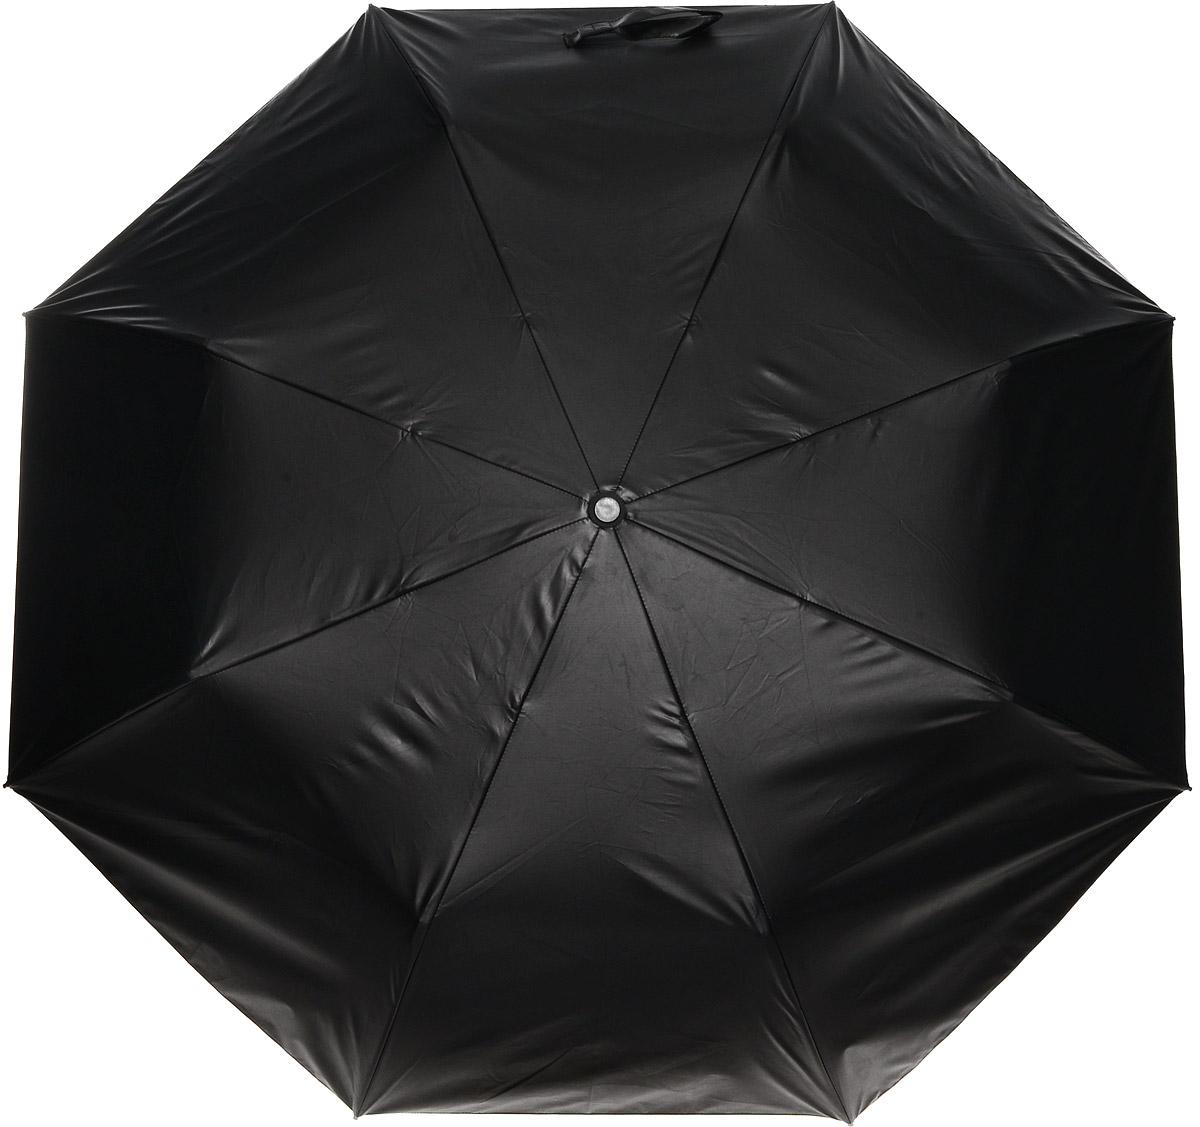 Зонт женский Vera Victoria Vito, механика, 3 сложения, цвет: черный, фиолетовый. 20-700-5Колье (короткие одноярусные бусы)Зонт Vera Victoria Vito надежно защитит вас от дождя. Купол выполнен из высококачественного нейлона, который не пропускает воду. Внутренняя сторона купола оформлена оригинальным принтом. Каркас зонта и спицы выполнены из высококачественного металла.Удобная ручка выполнена из пластика и дополнена эластичной резинкой. Зонт имеет автоматический тип сложения: открывается и закрывается при нажатии на кнопку. В комплект входит чехол.